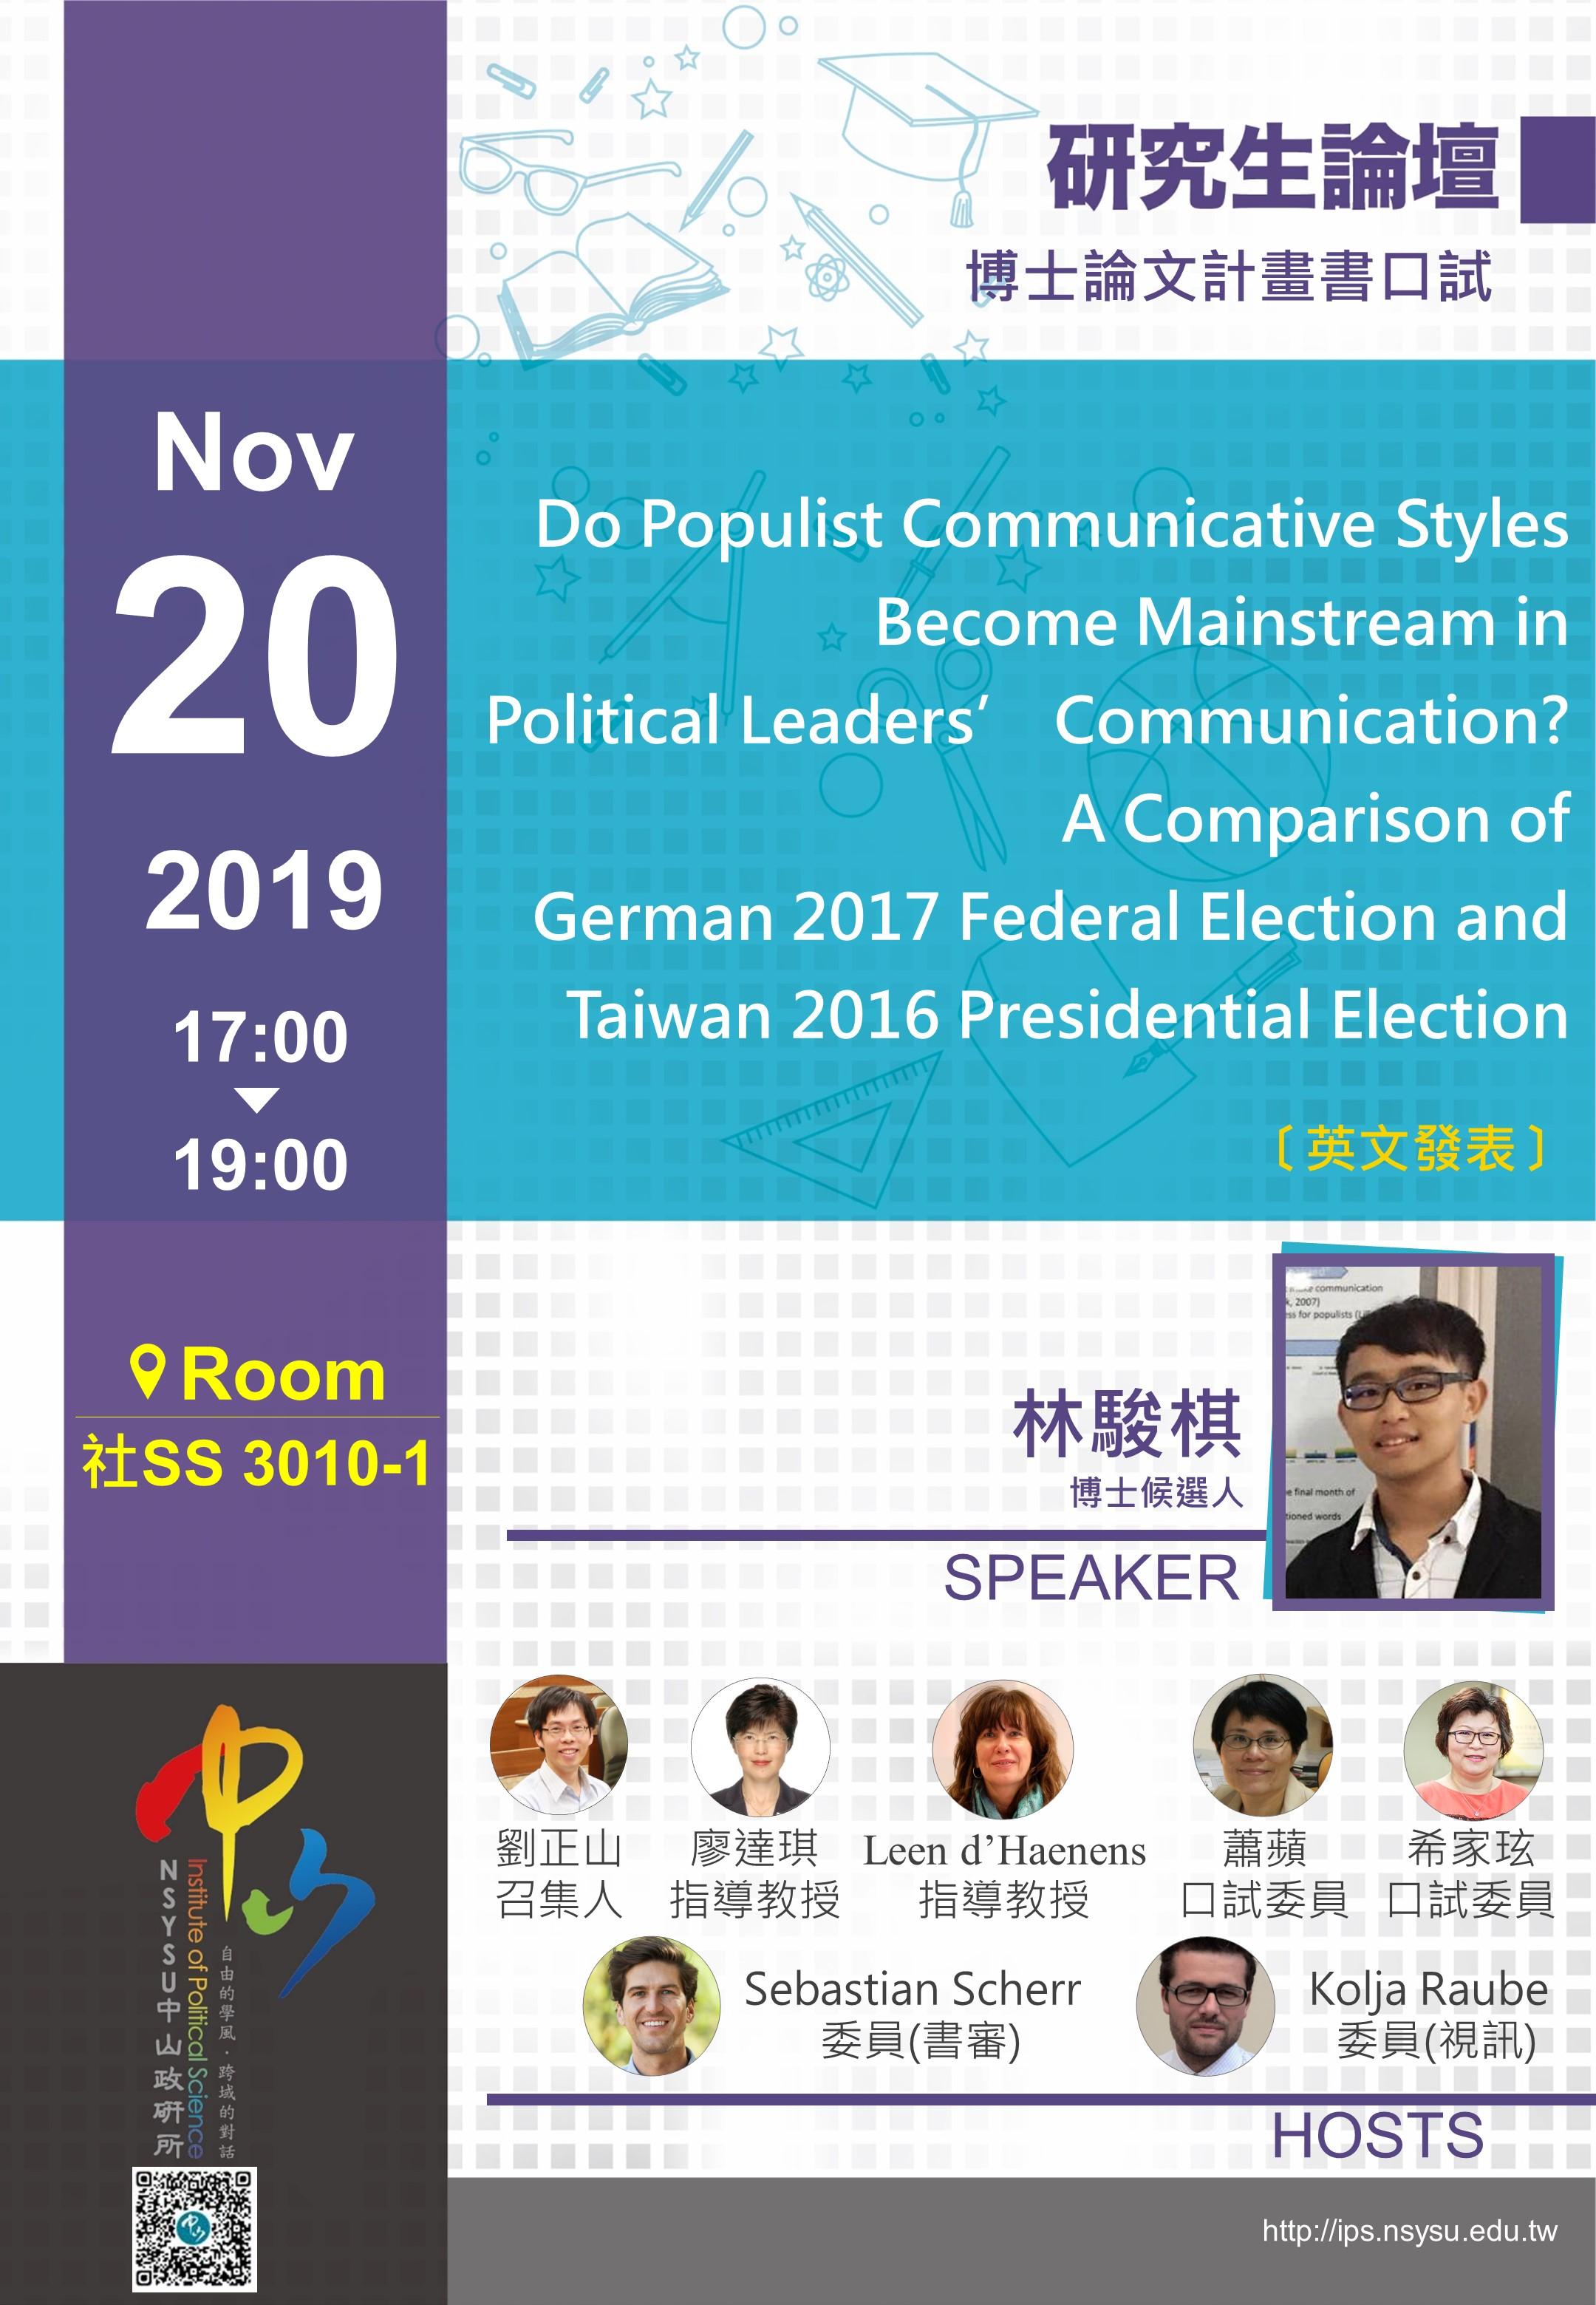 林駿棋:Do Populist Communicative Styles Become Mainstream in Political Leader's Communication?